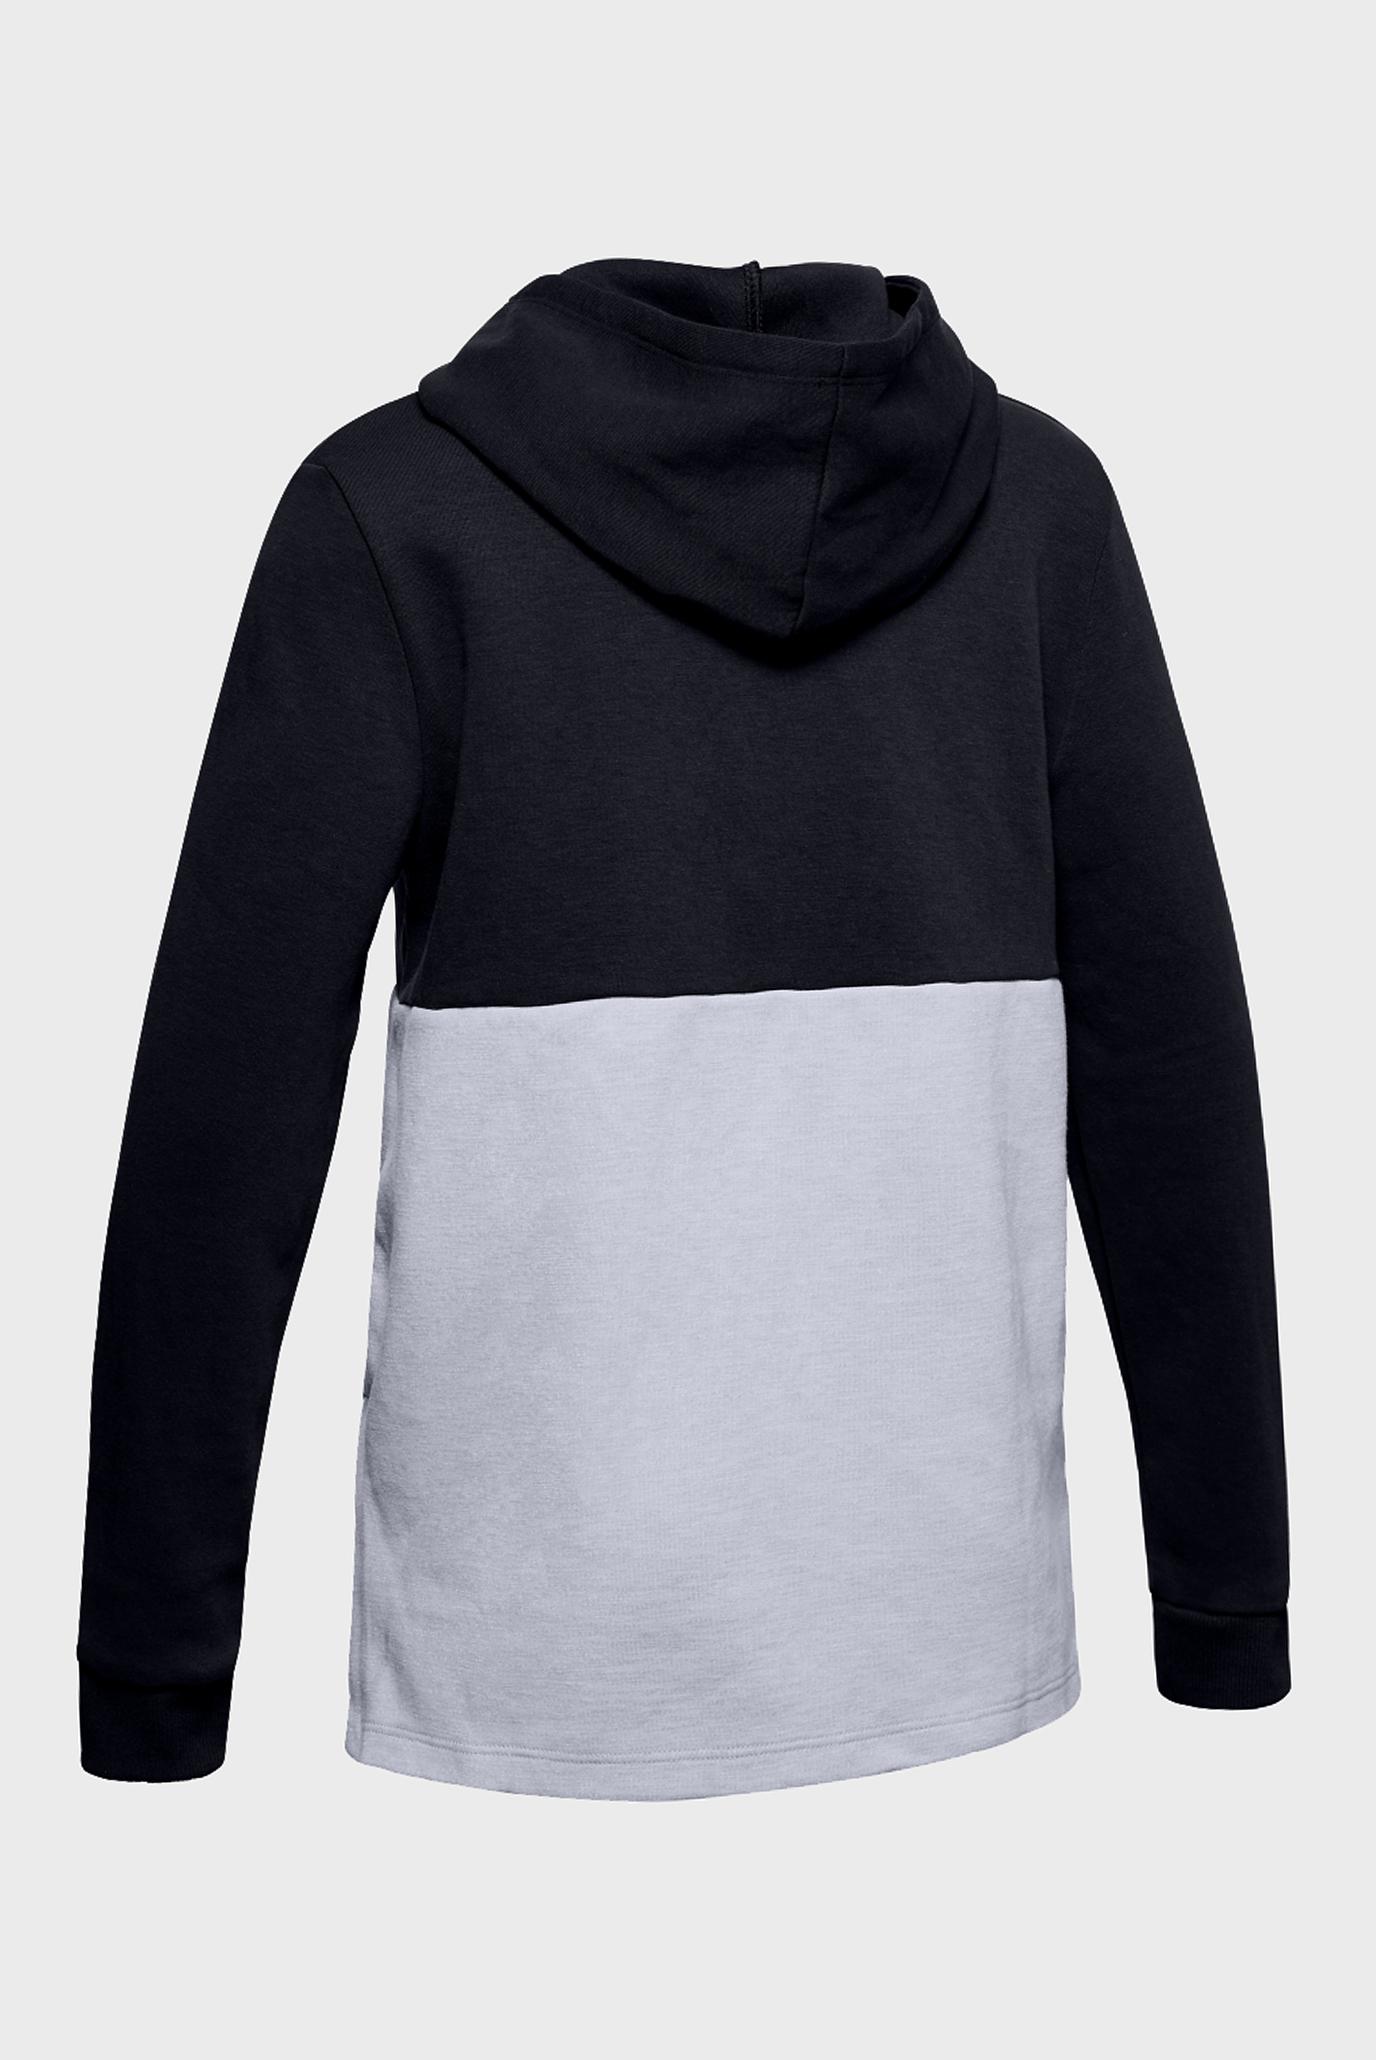 Купить Детское черное худи Unstoppable Double Knit Hoody Under Armour Under Armour 1327374-001 – Киев, Украина. Цены в интернет магазине MD Fashion